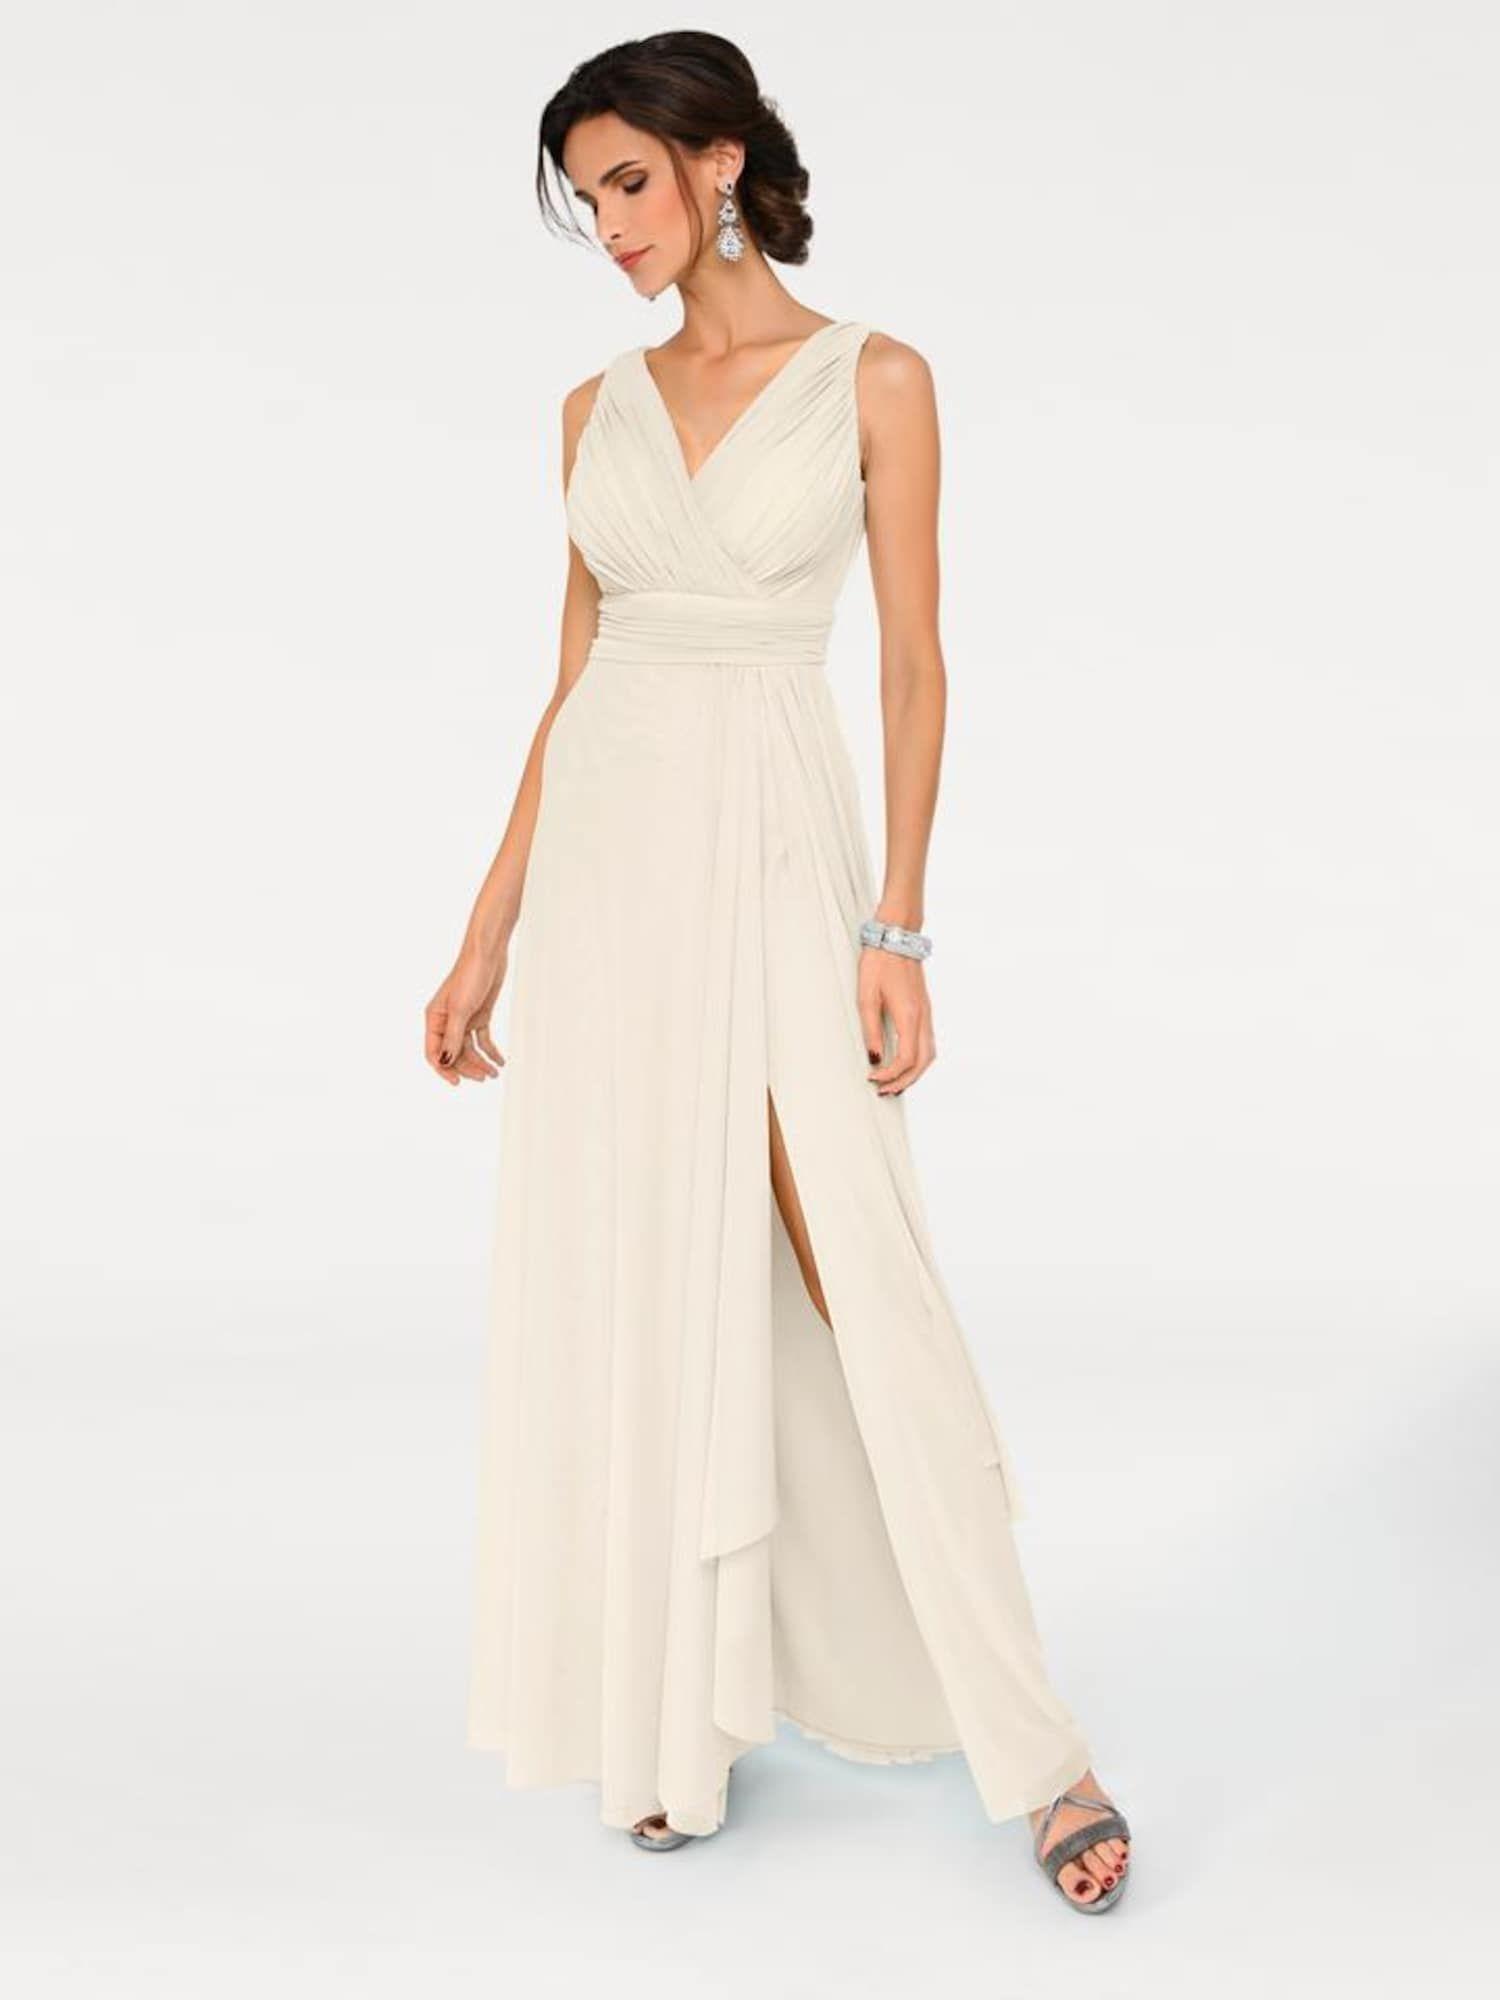 Heine Abendkleid Damen, Creme, Größe 14  Abendkleid, Modestil